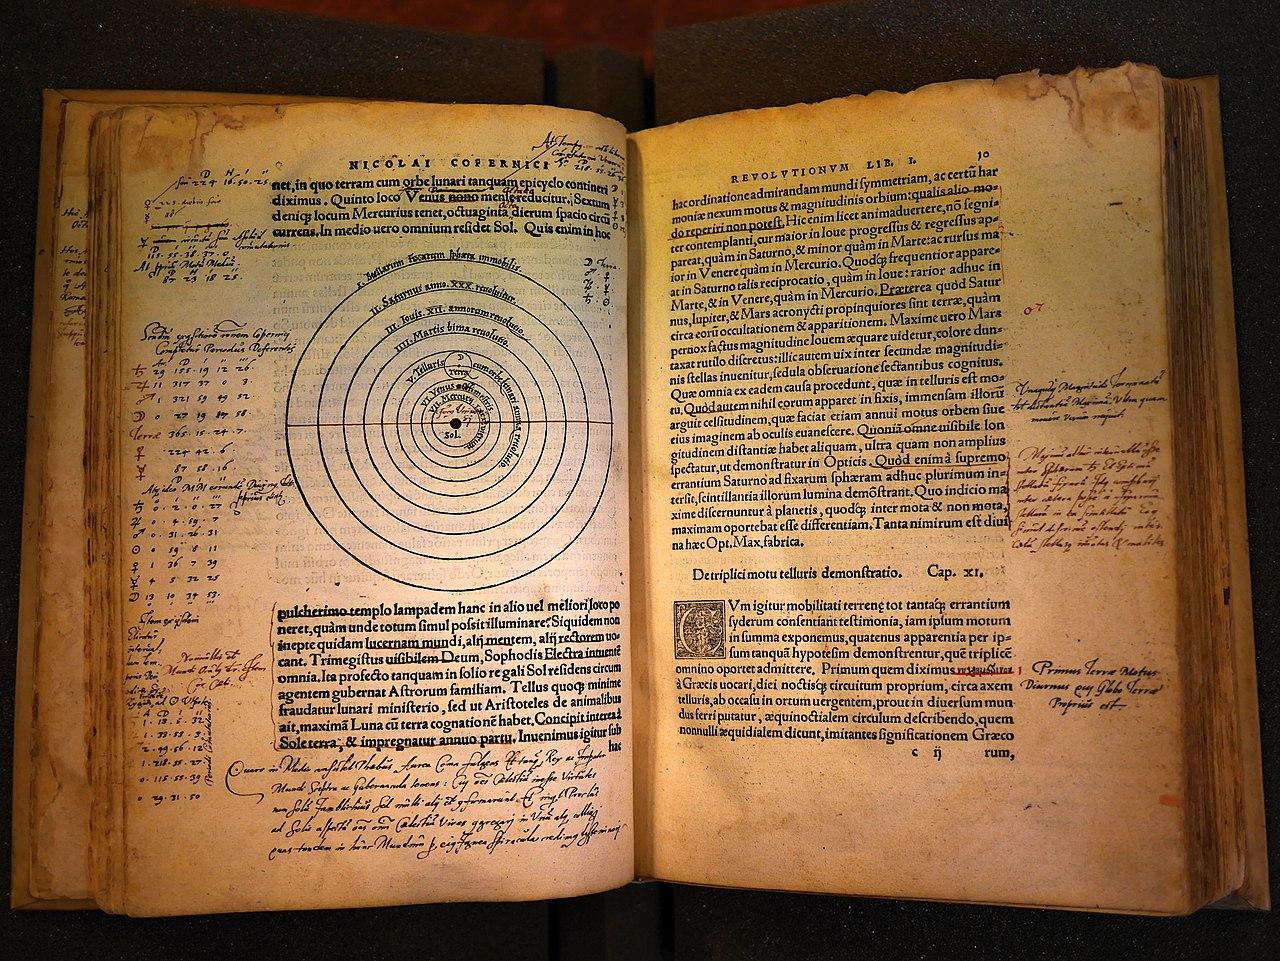 Nicolai Copernici Torinensis De revolutionibus orbium coelestium.jpg